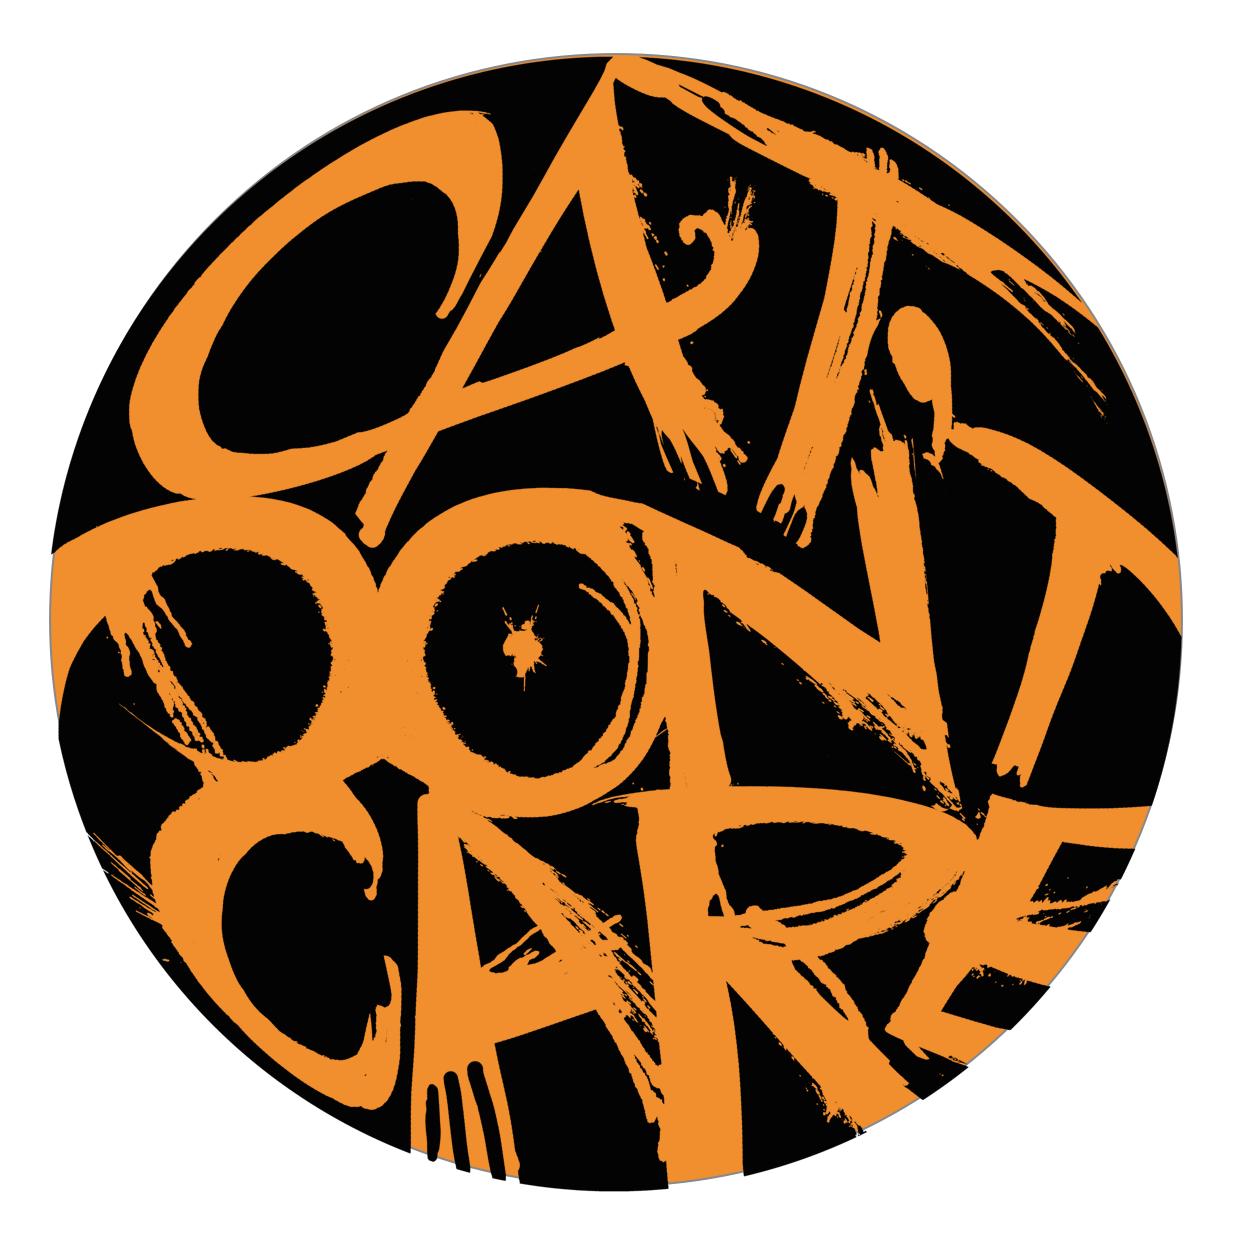 CAT DON'T CARE HALLOWEEN LOGO | SPOOKY CAT STUFF | FUNNY CAT PICS | CAT ARTIST